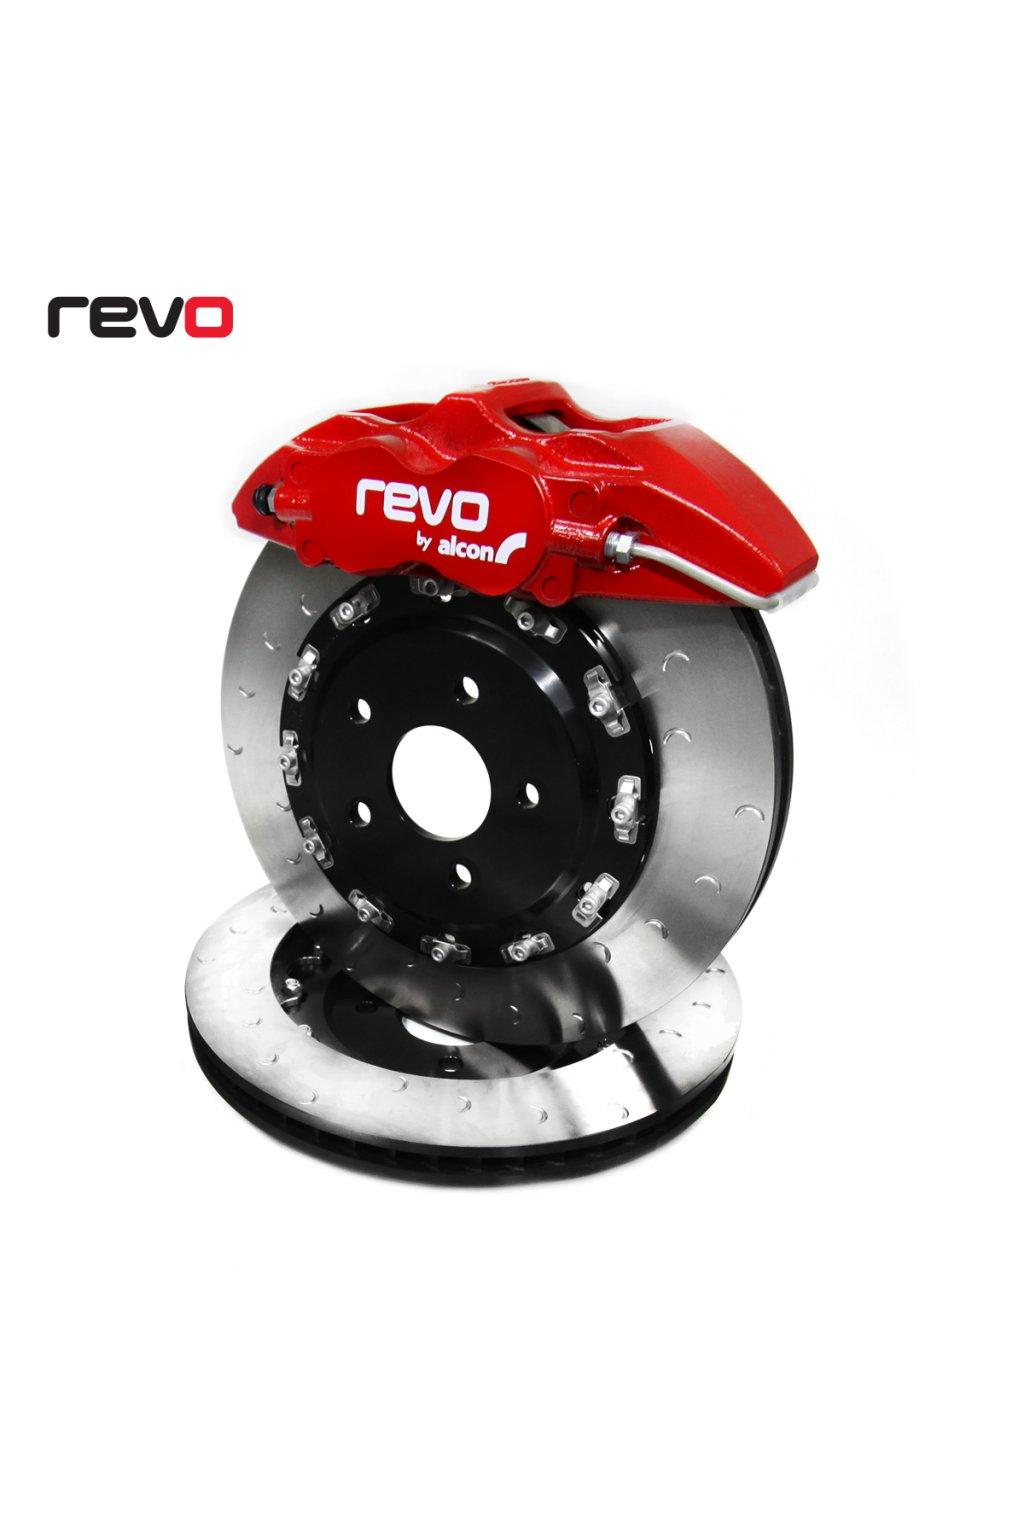 Revo brzdový kit Polo GTI / Ibiza Cupra